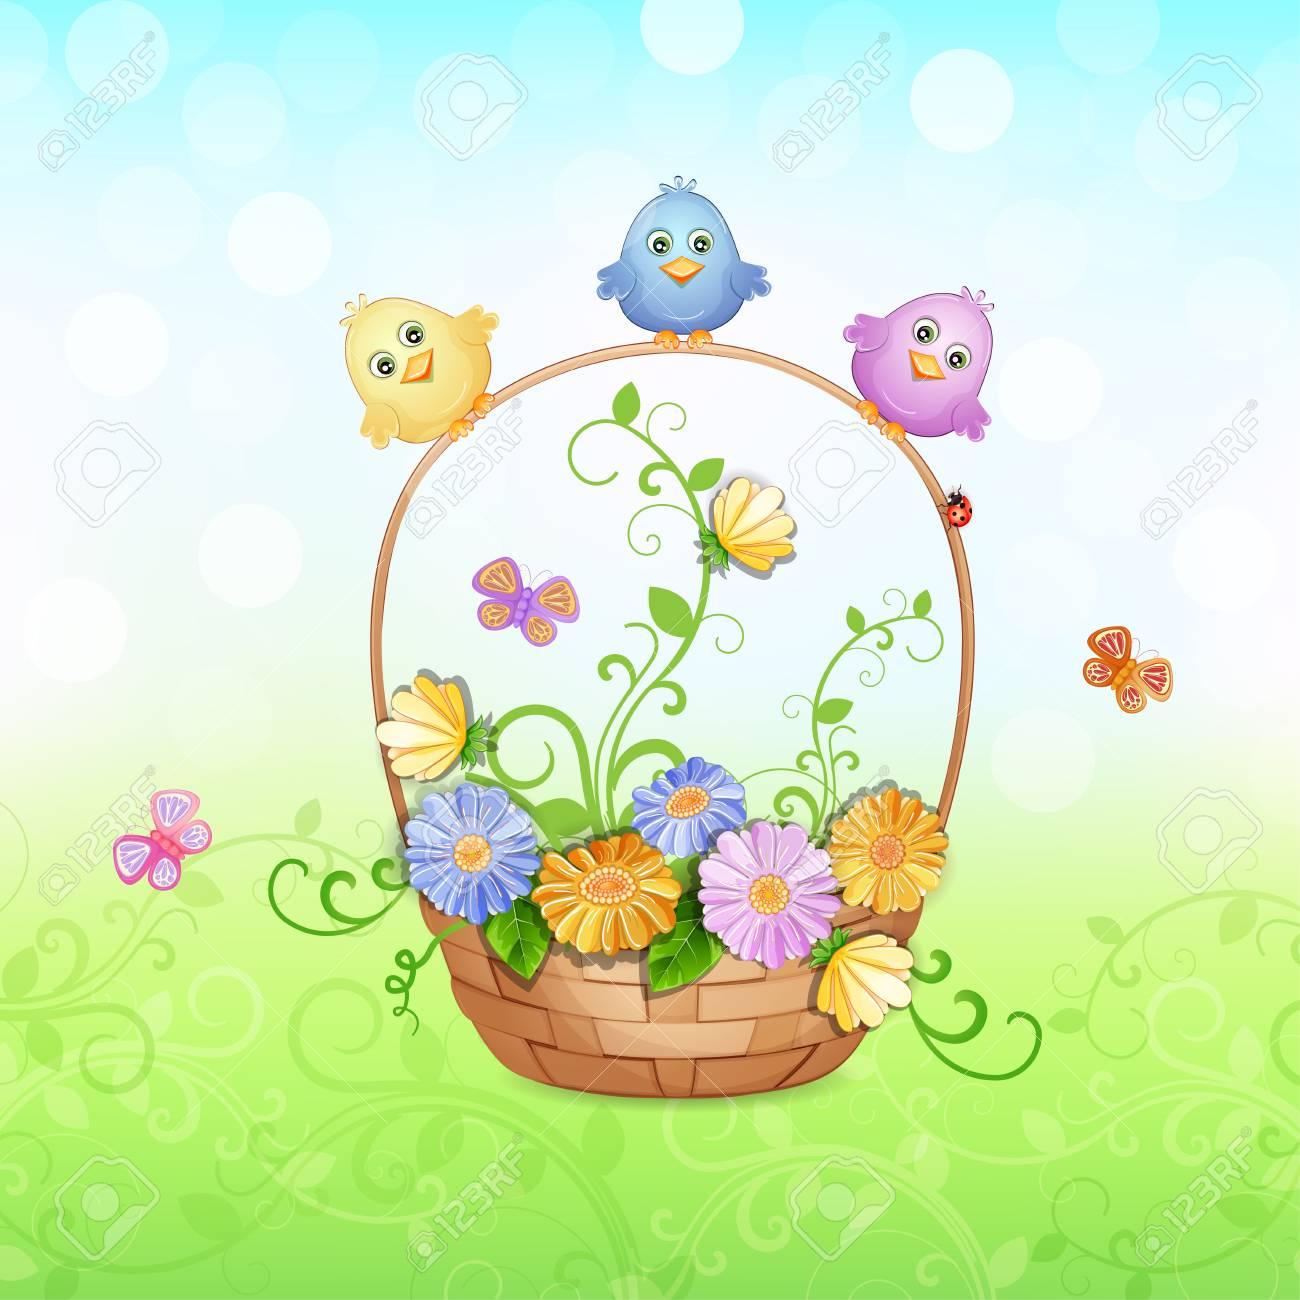 美しいバスケットの花とかわいい鳥春のイラストのイラスト素材ベクタ